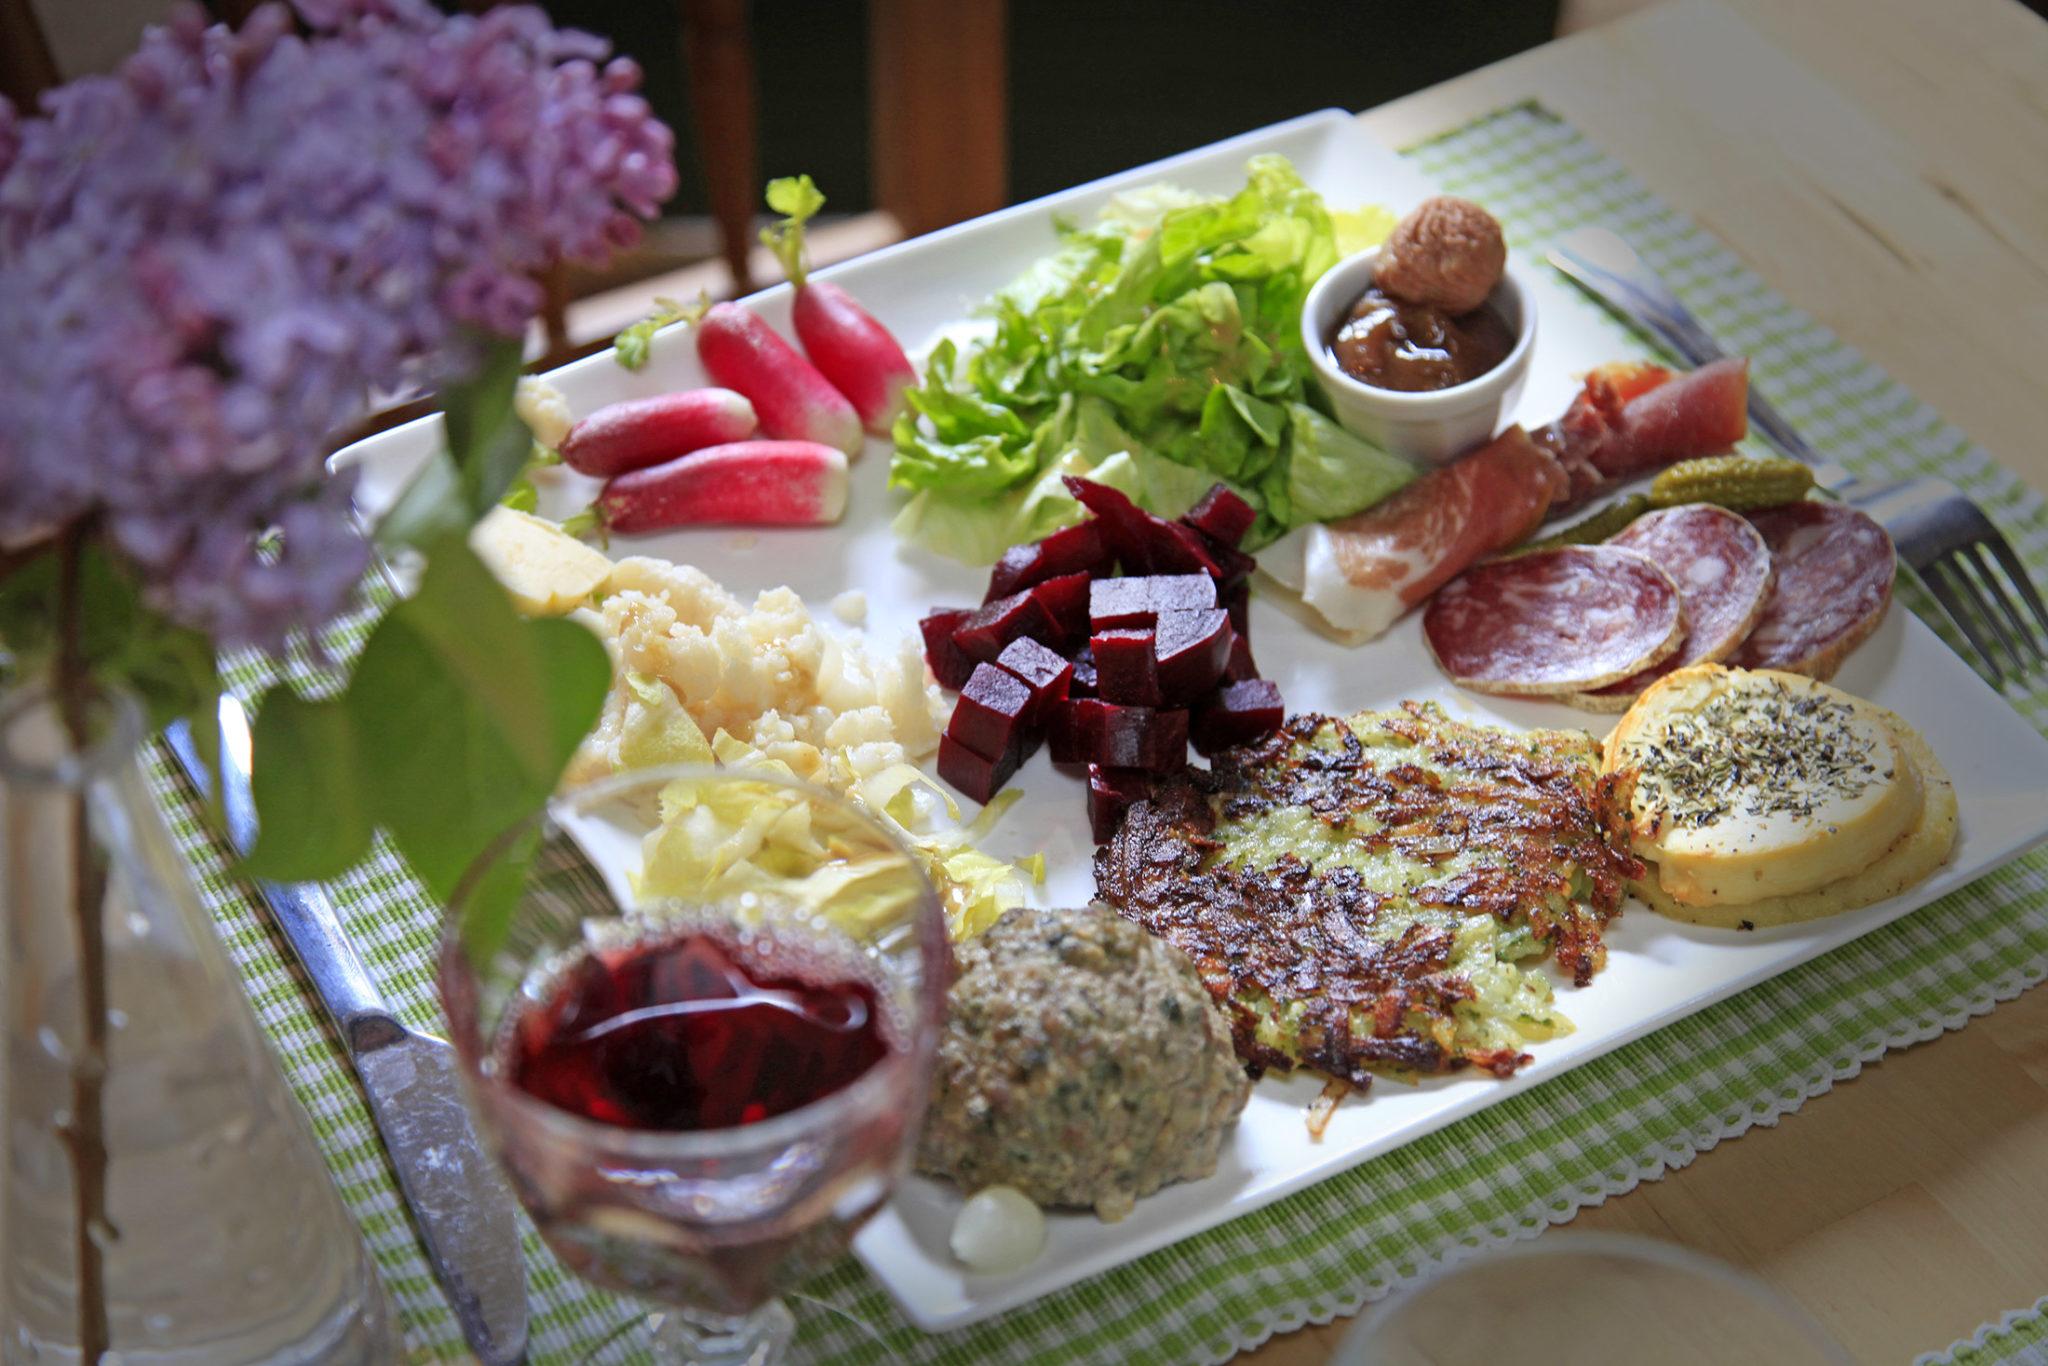 assiette-repas-terroir-ardeche-grastronomie